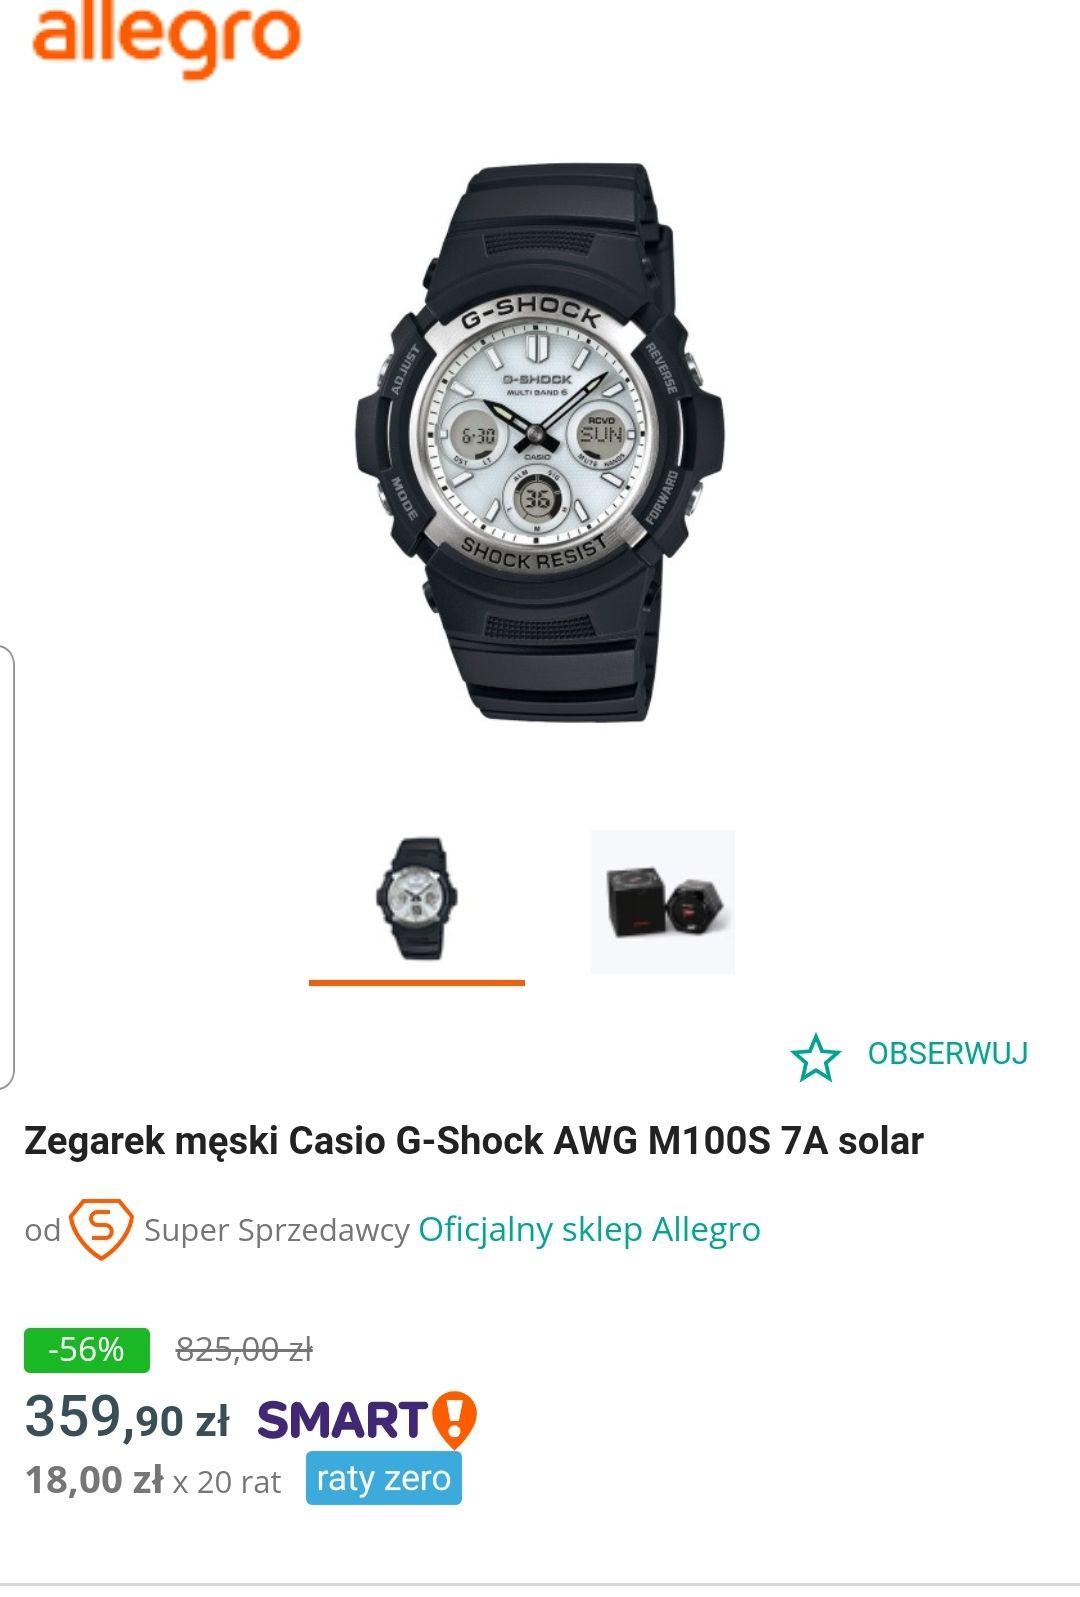 Casio G-Shock AWG M100S 7A solar